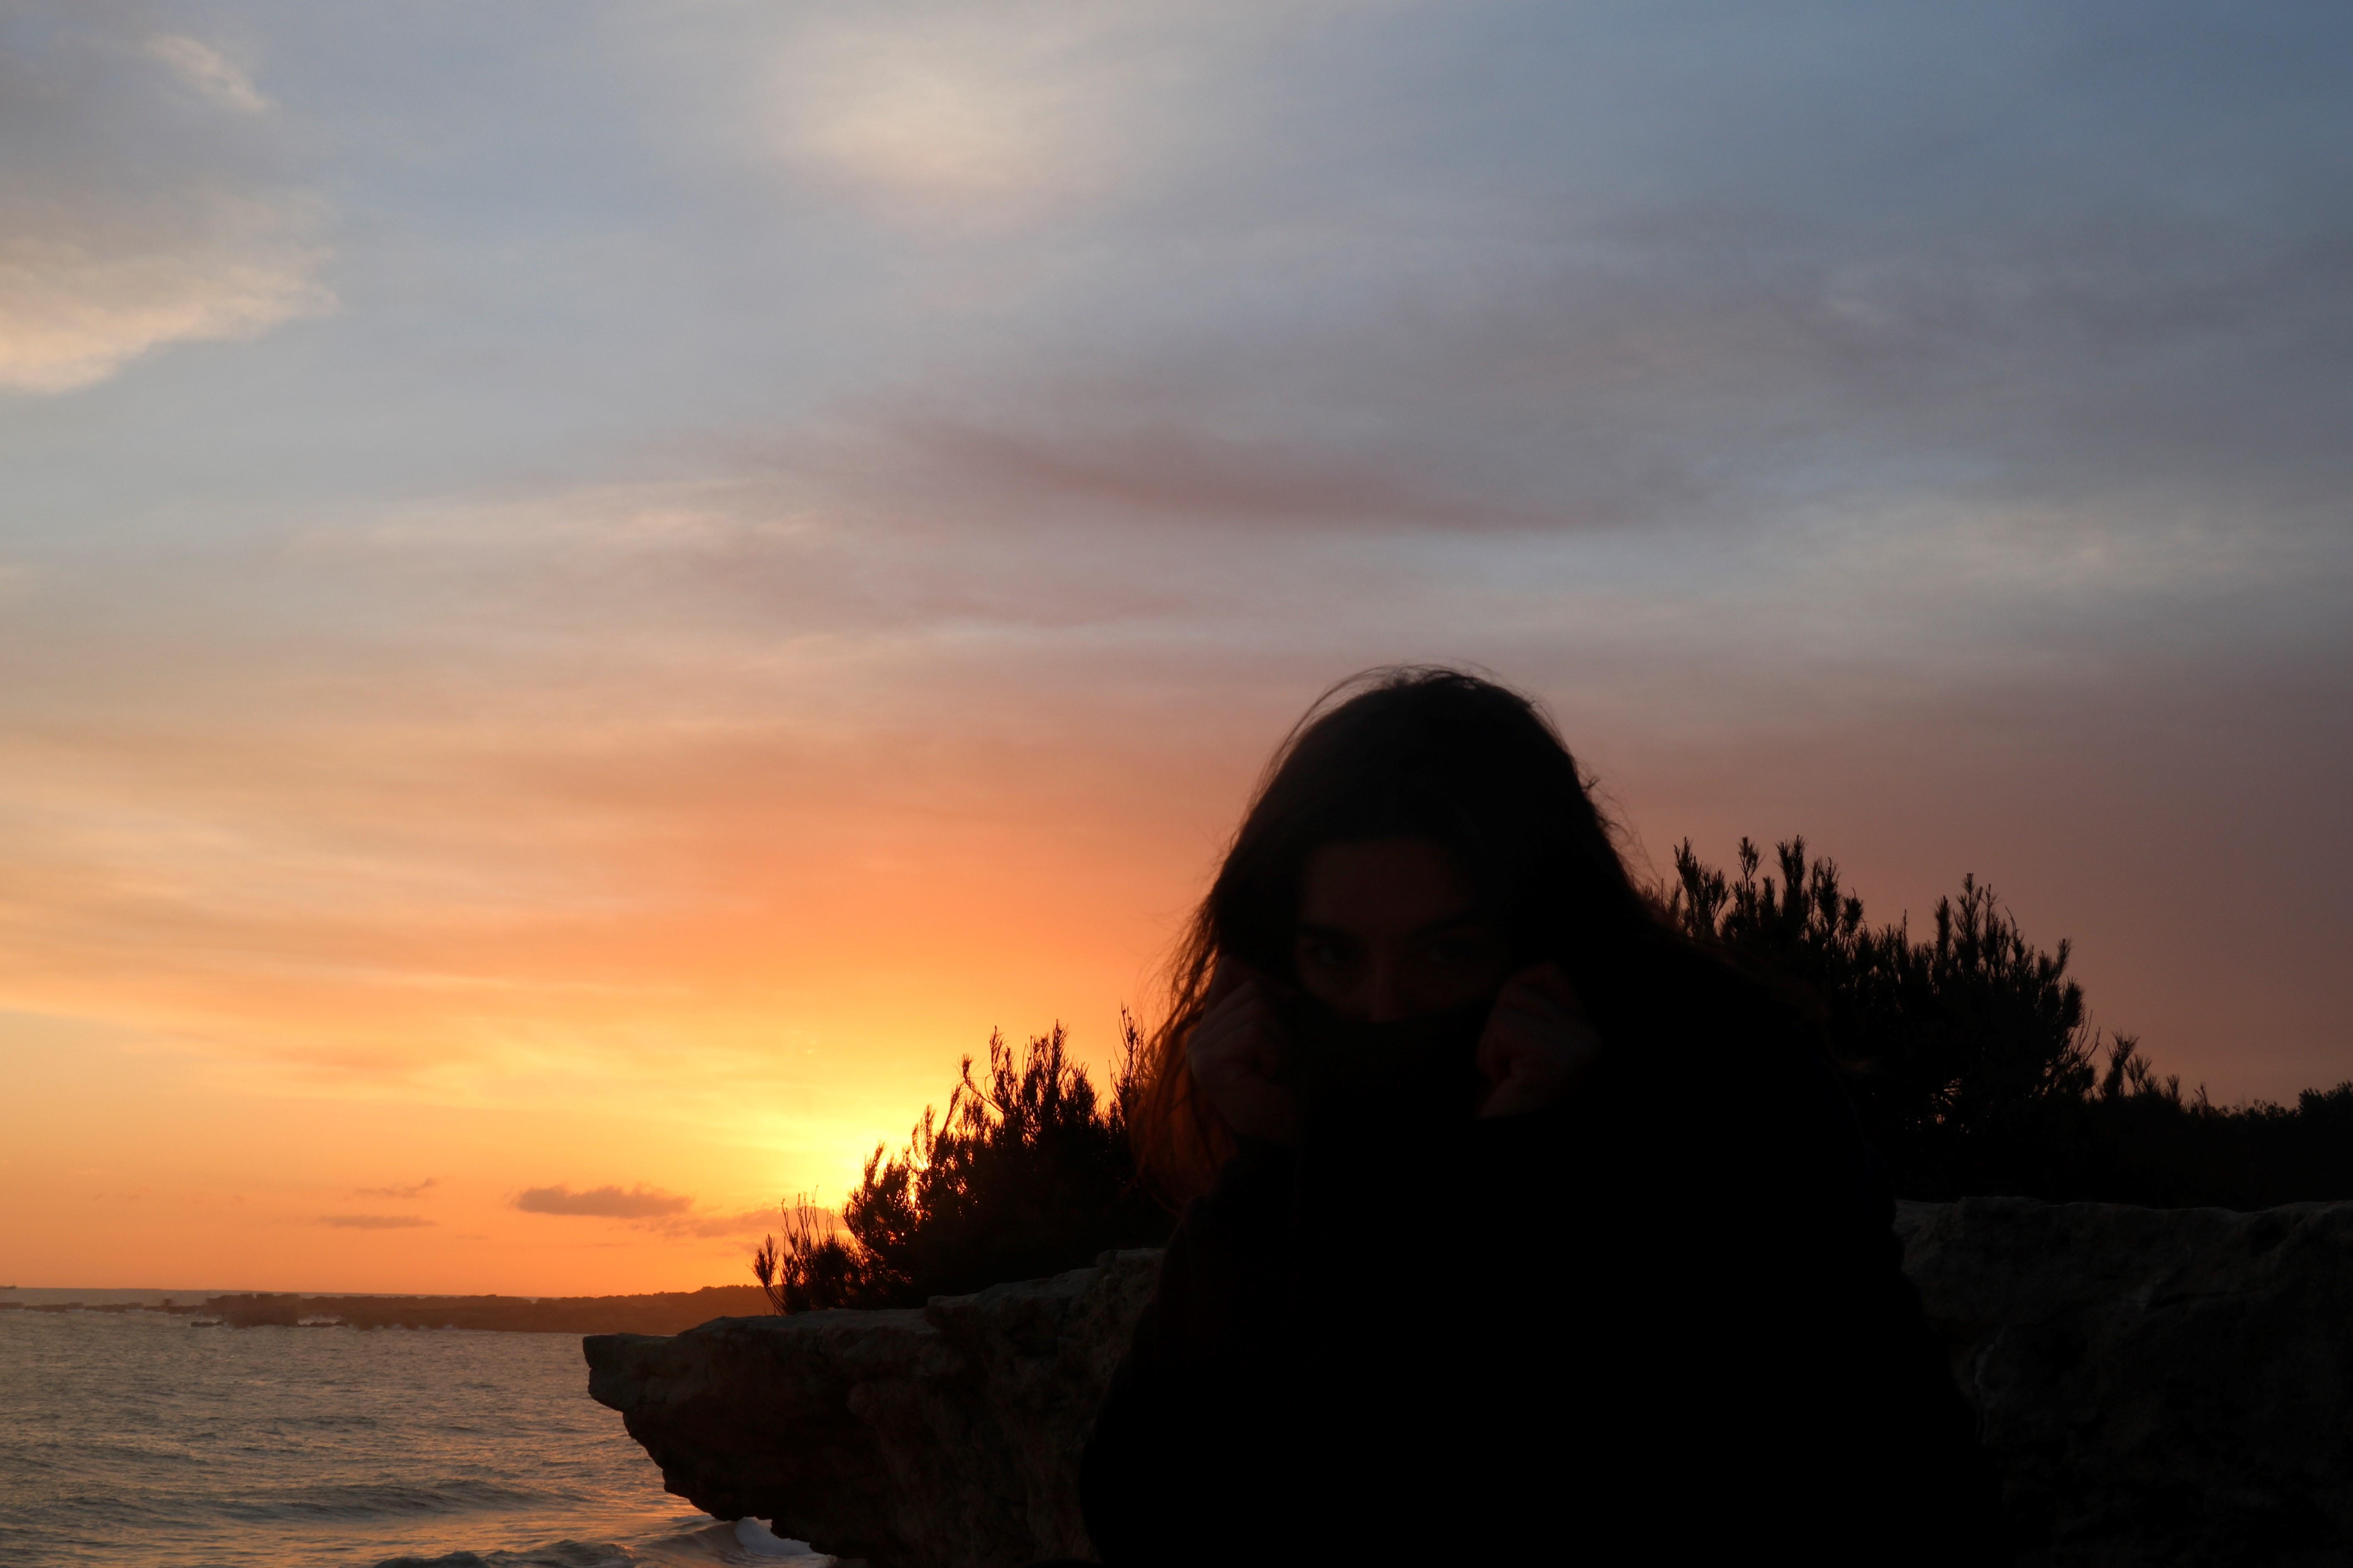 sunset orange méditerranée surfeuse